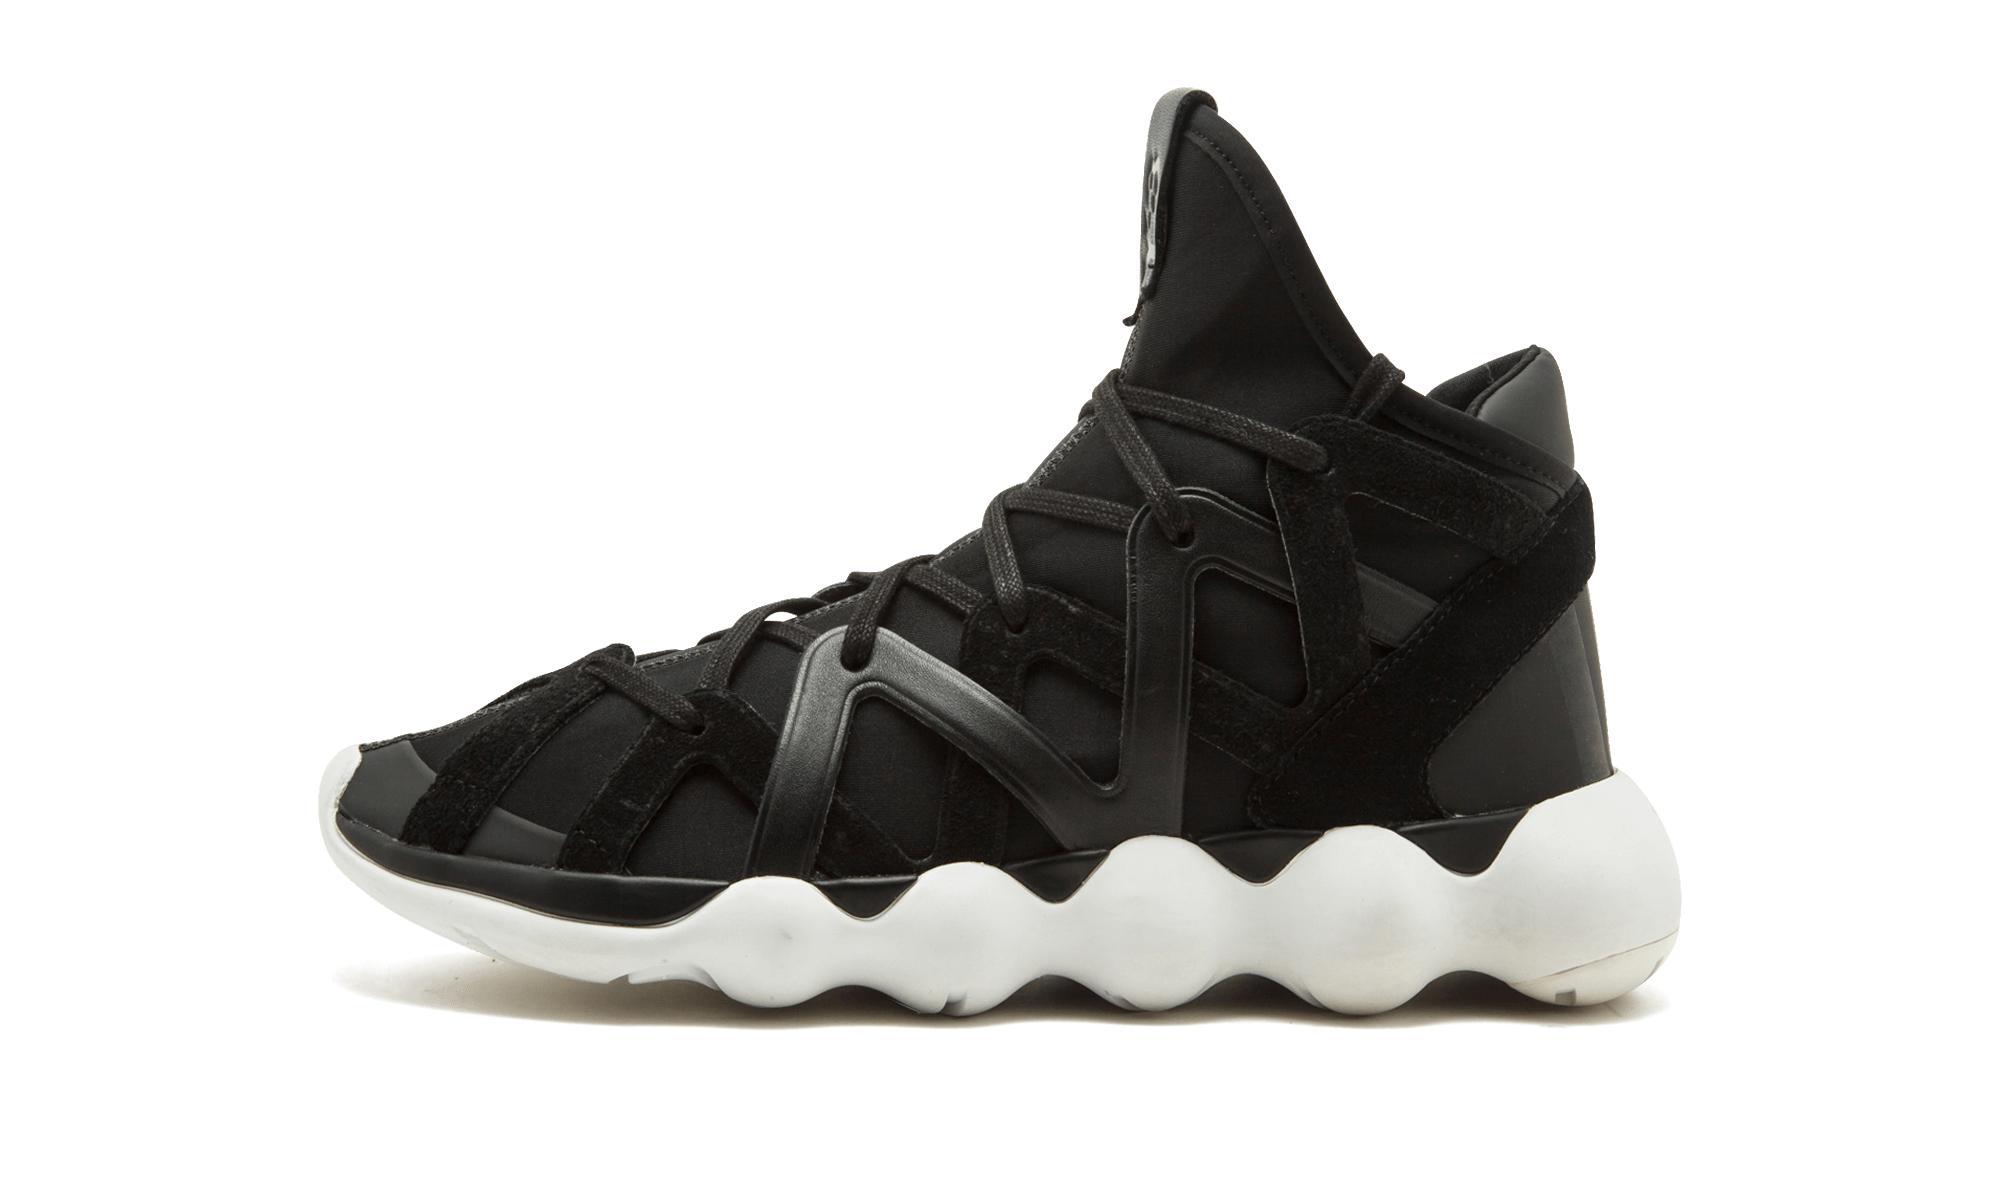 cda5d5e7641c Lyst - adidas Y-3 Kyujo High in Black for Men